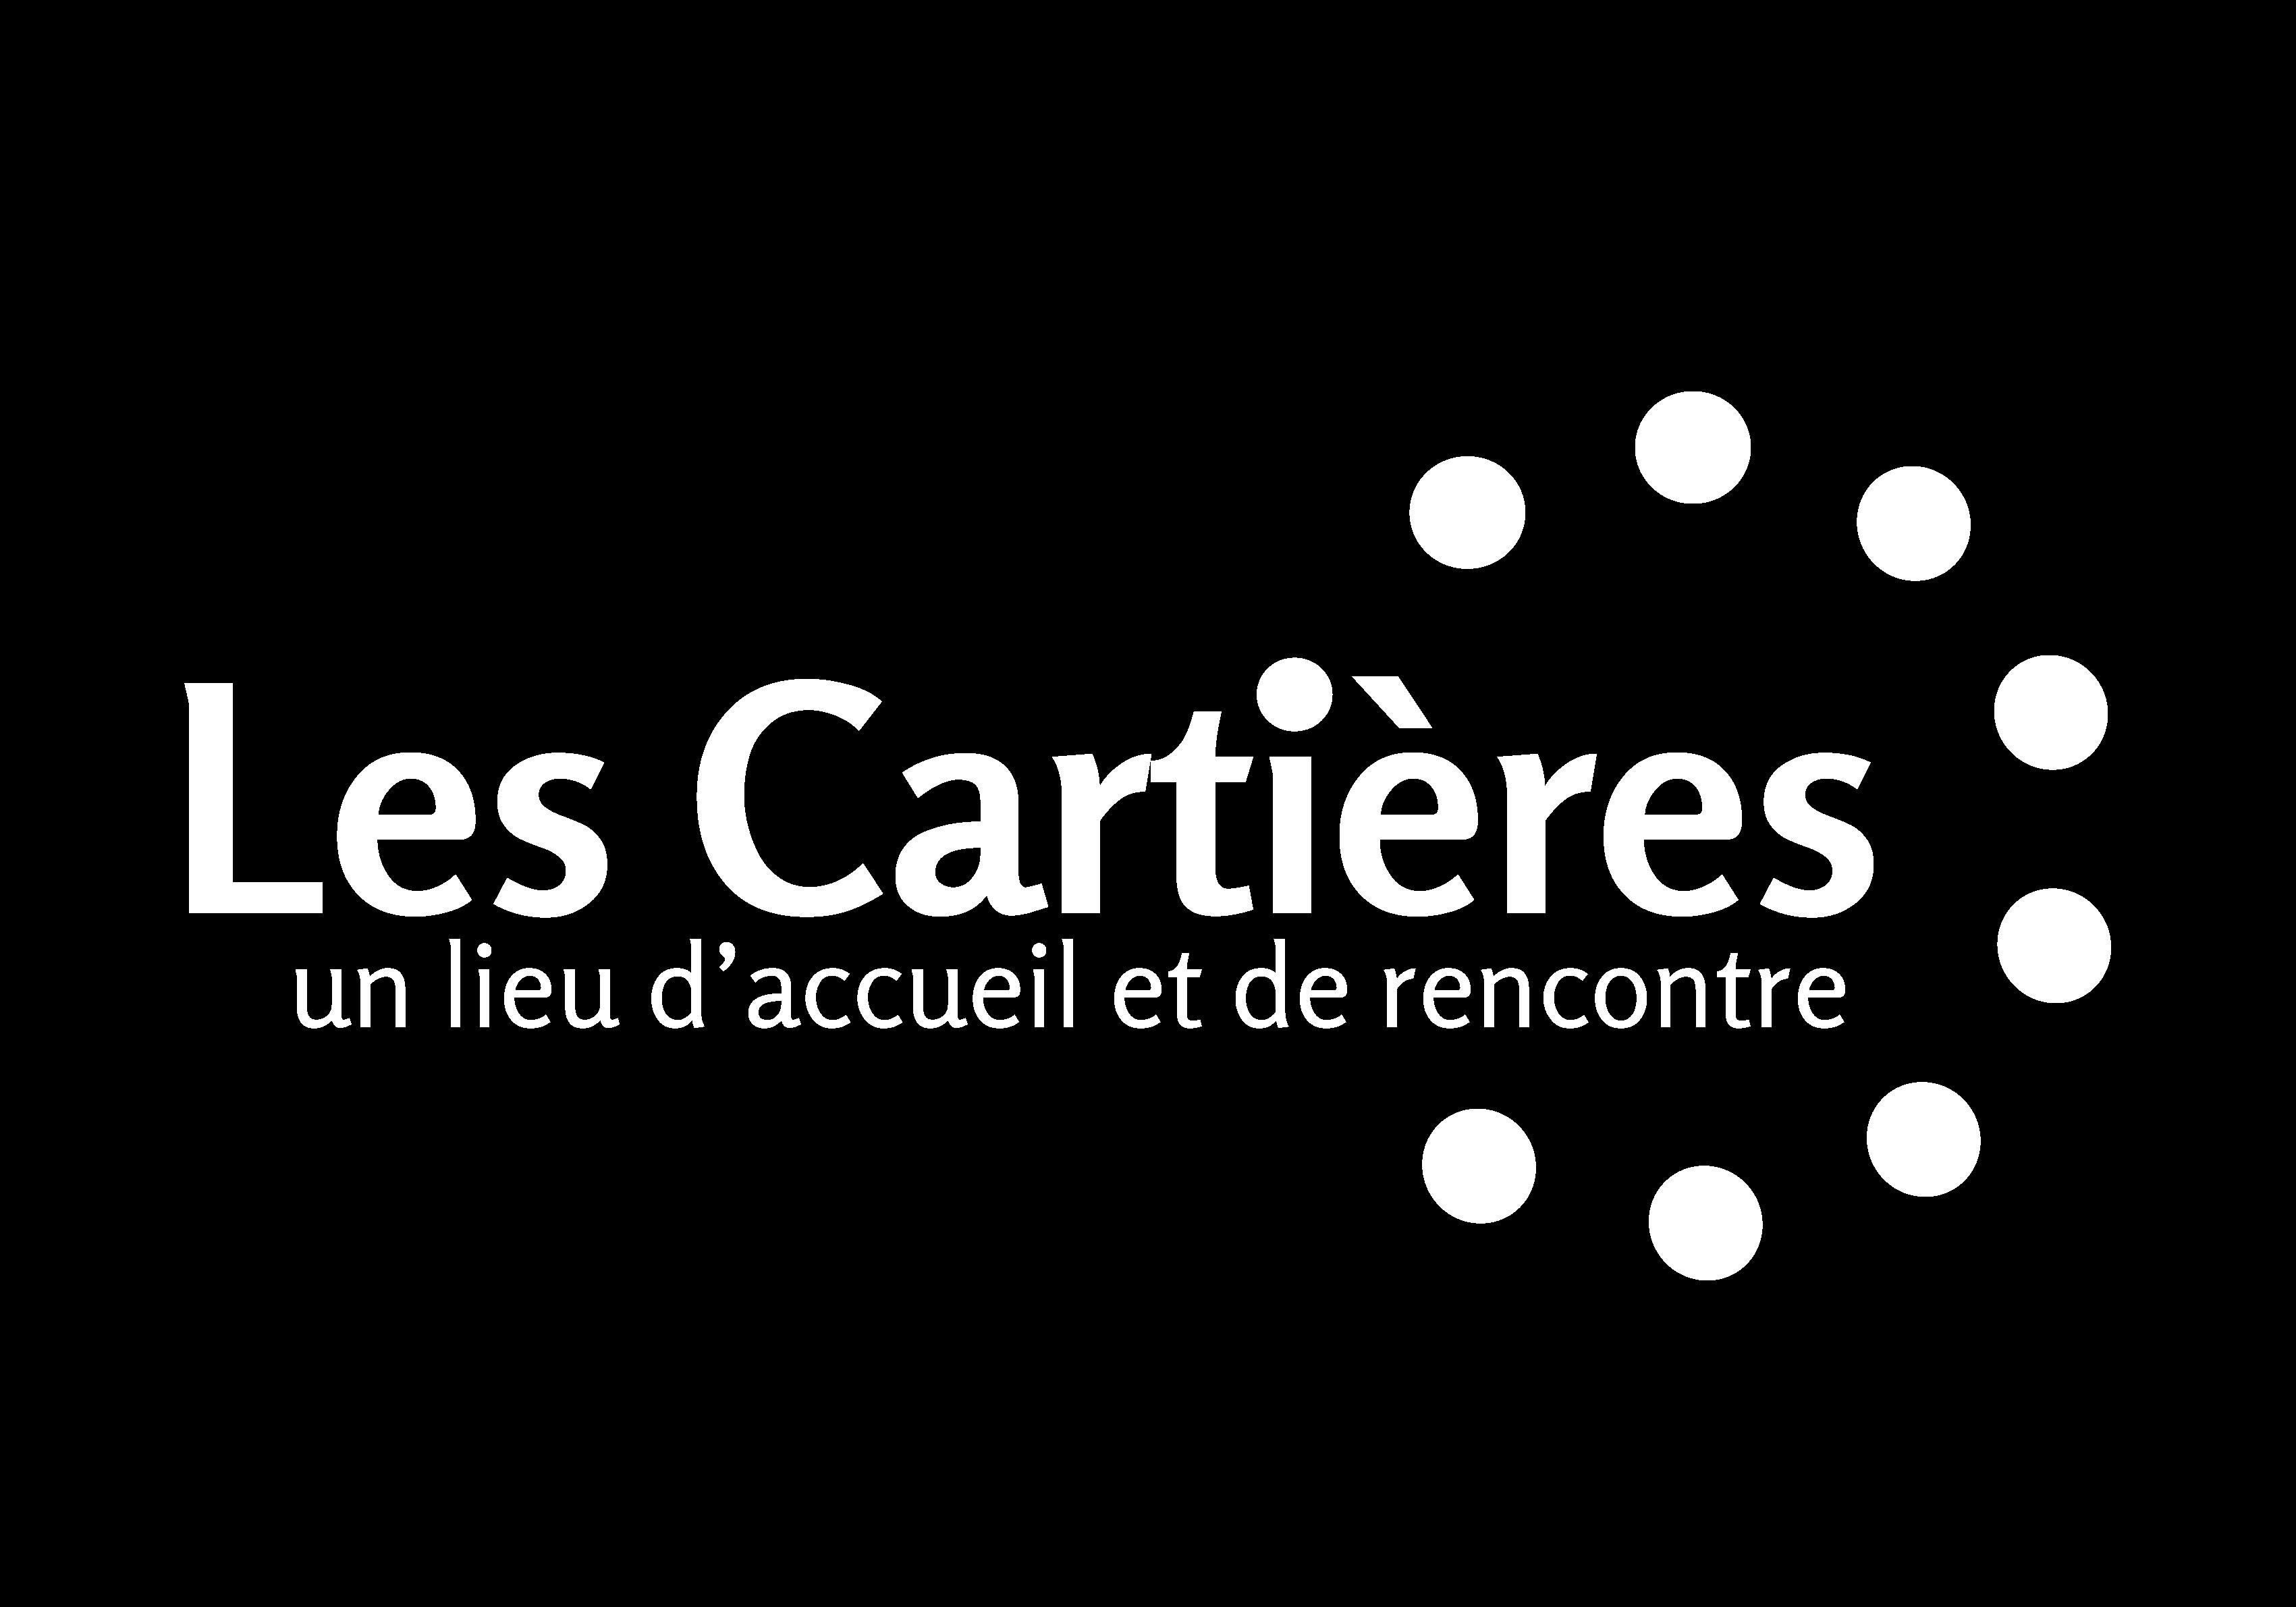 Les Cartières